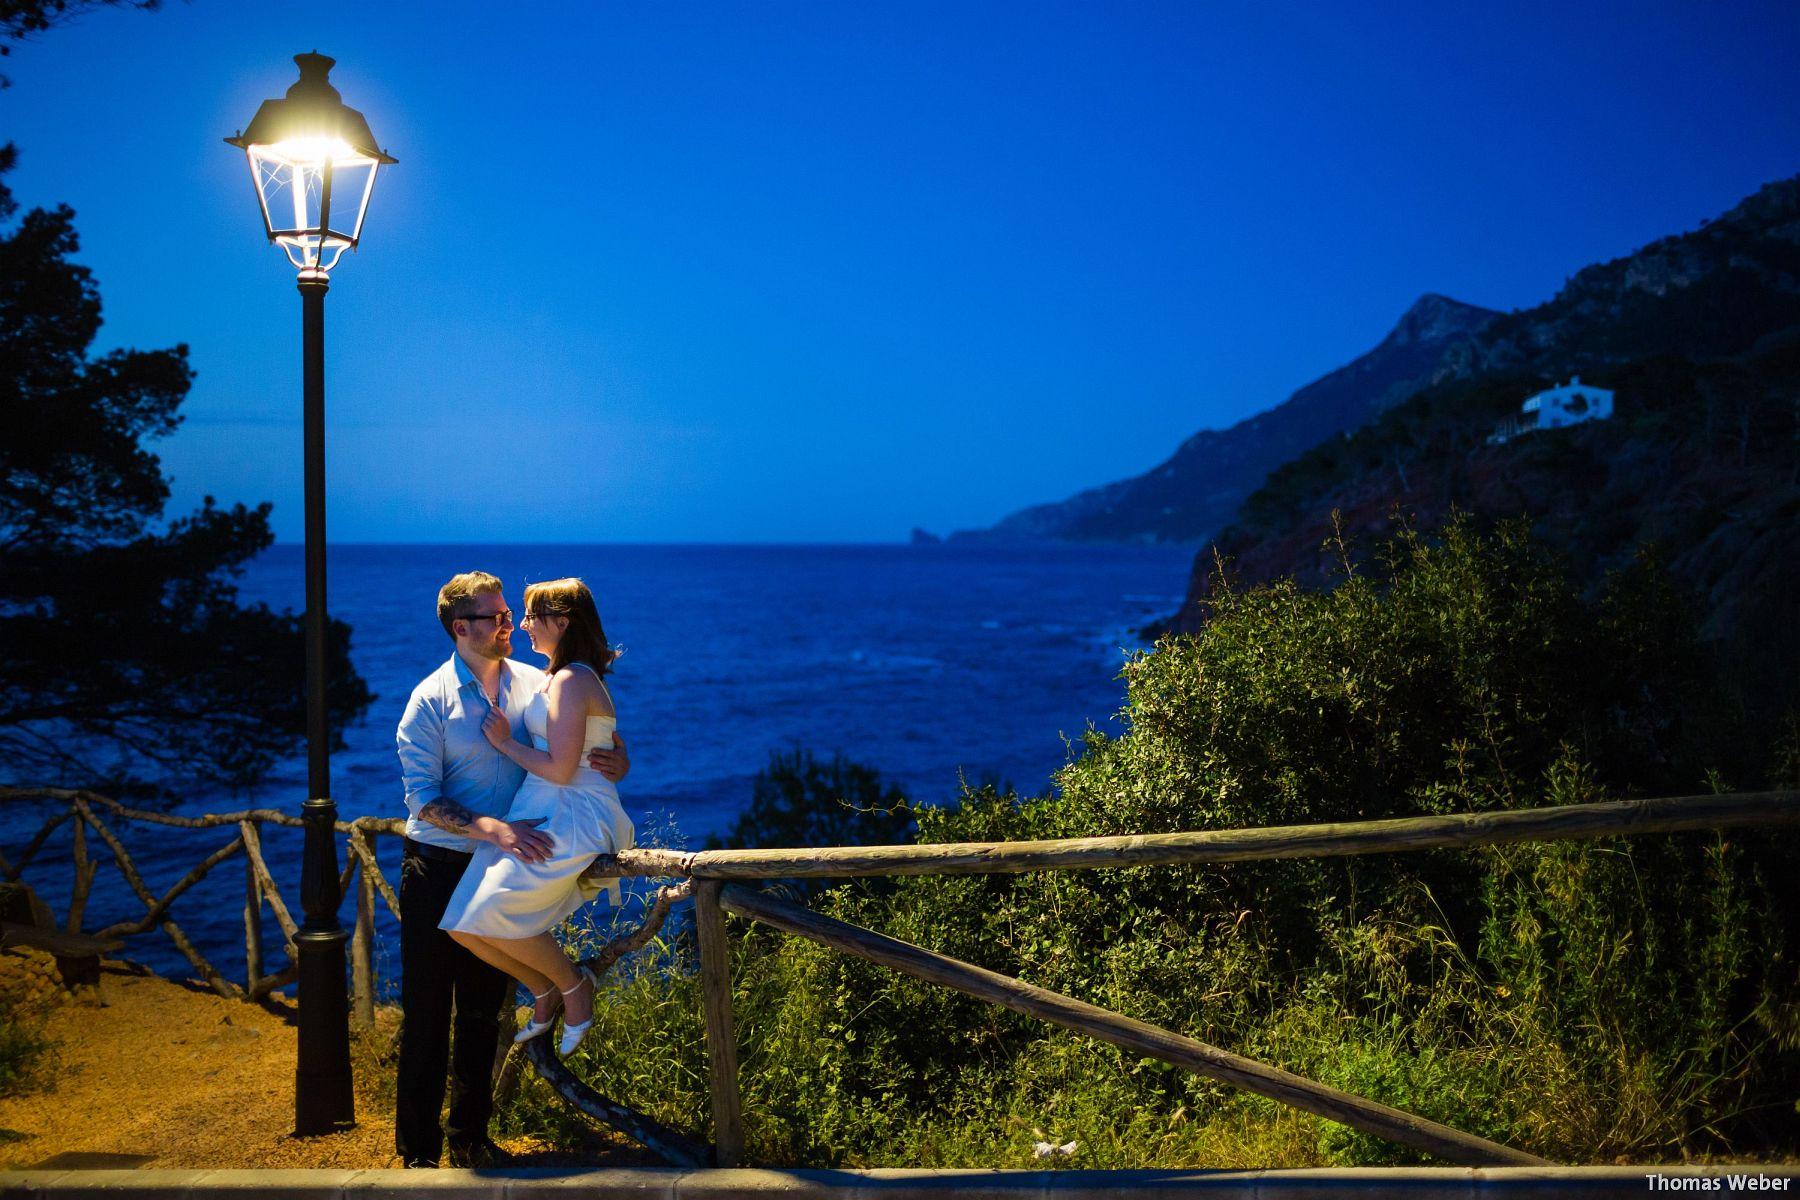 Hochzeitsfotograf Thomas Weber aus Oldenburg: Hochzeitsfotos und Paarfotos auf Mallorca (48)